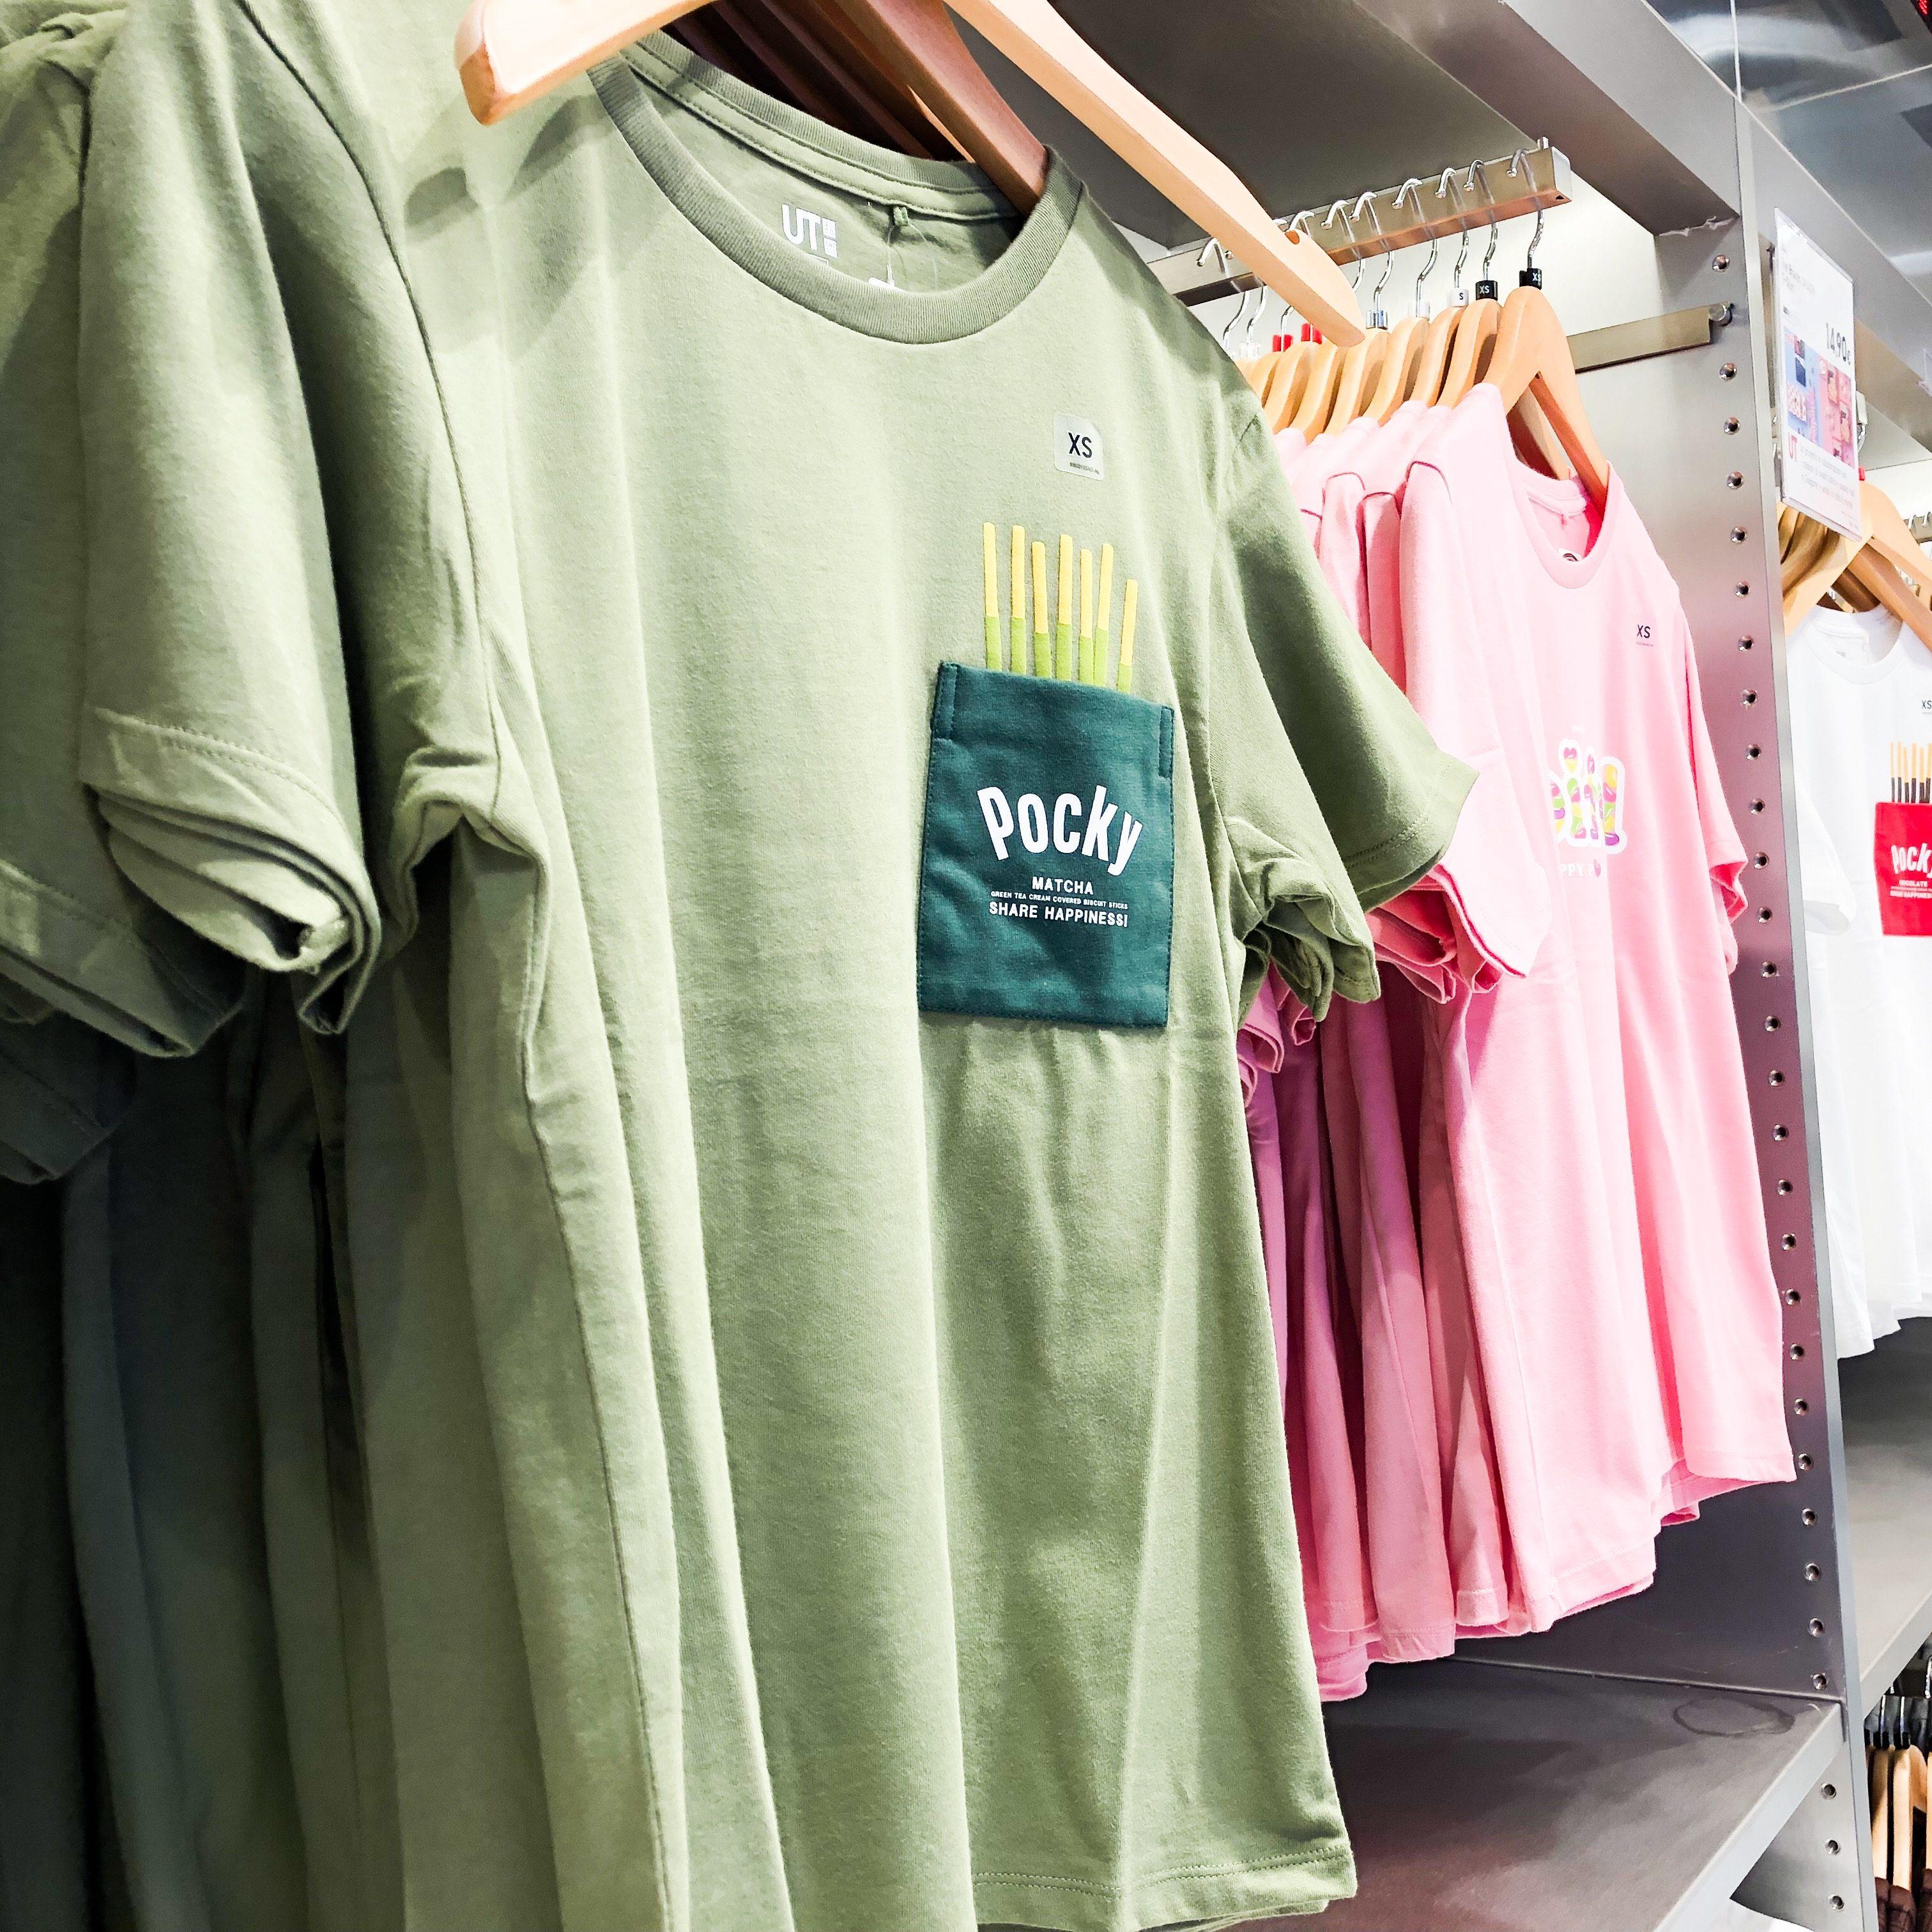 apertura-uniqlo-magliette-pocky